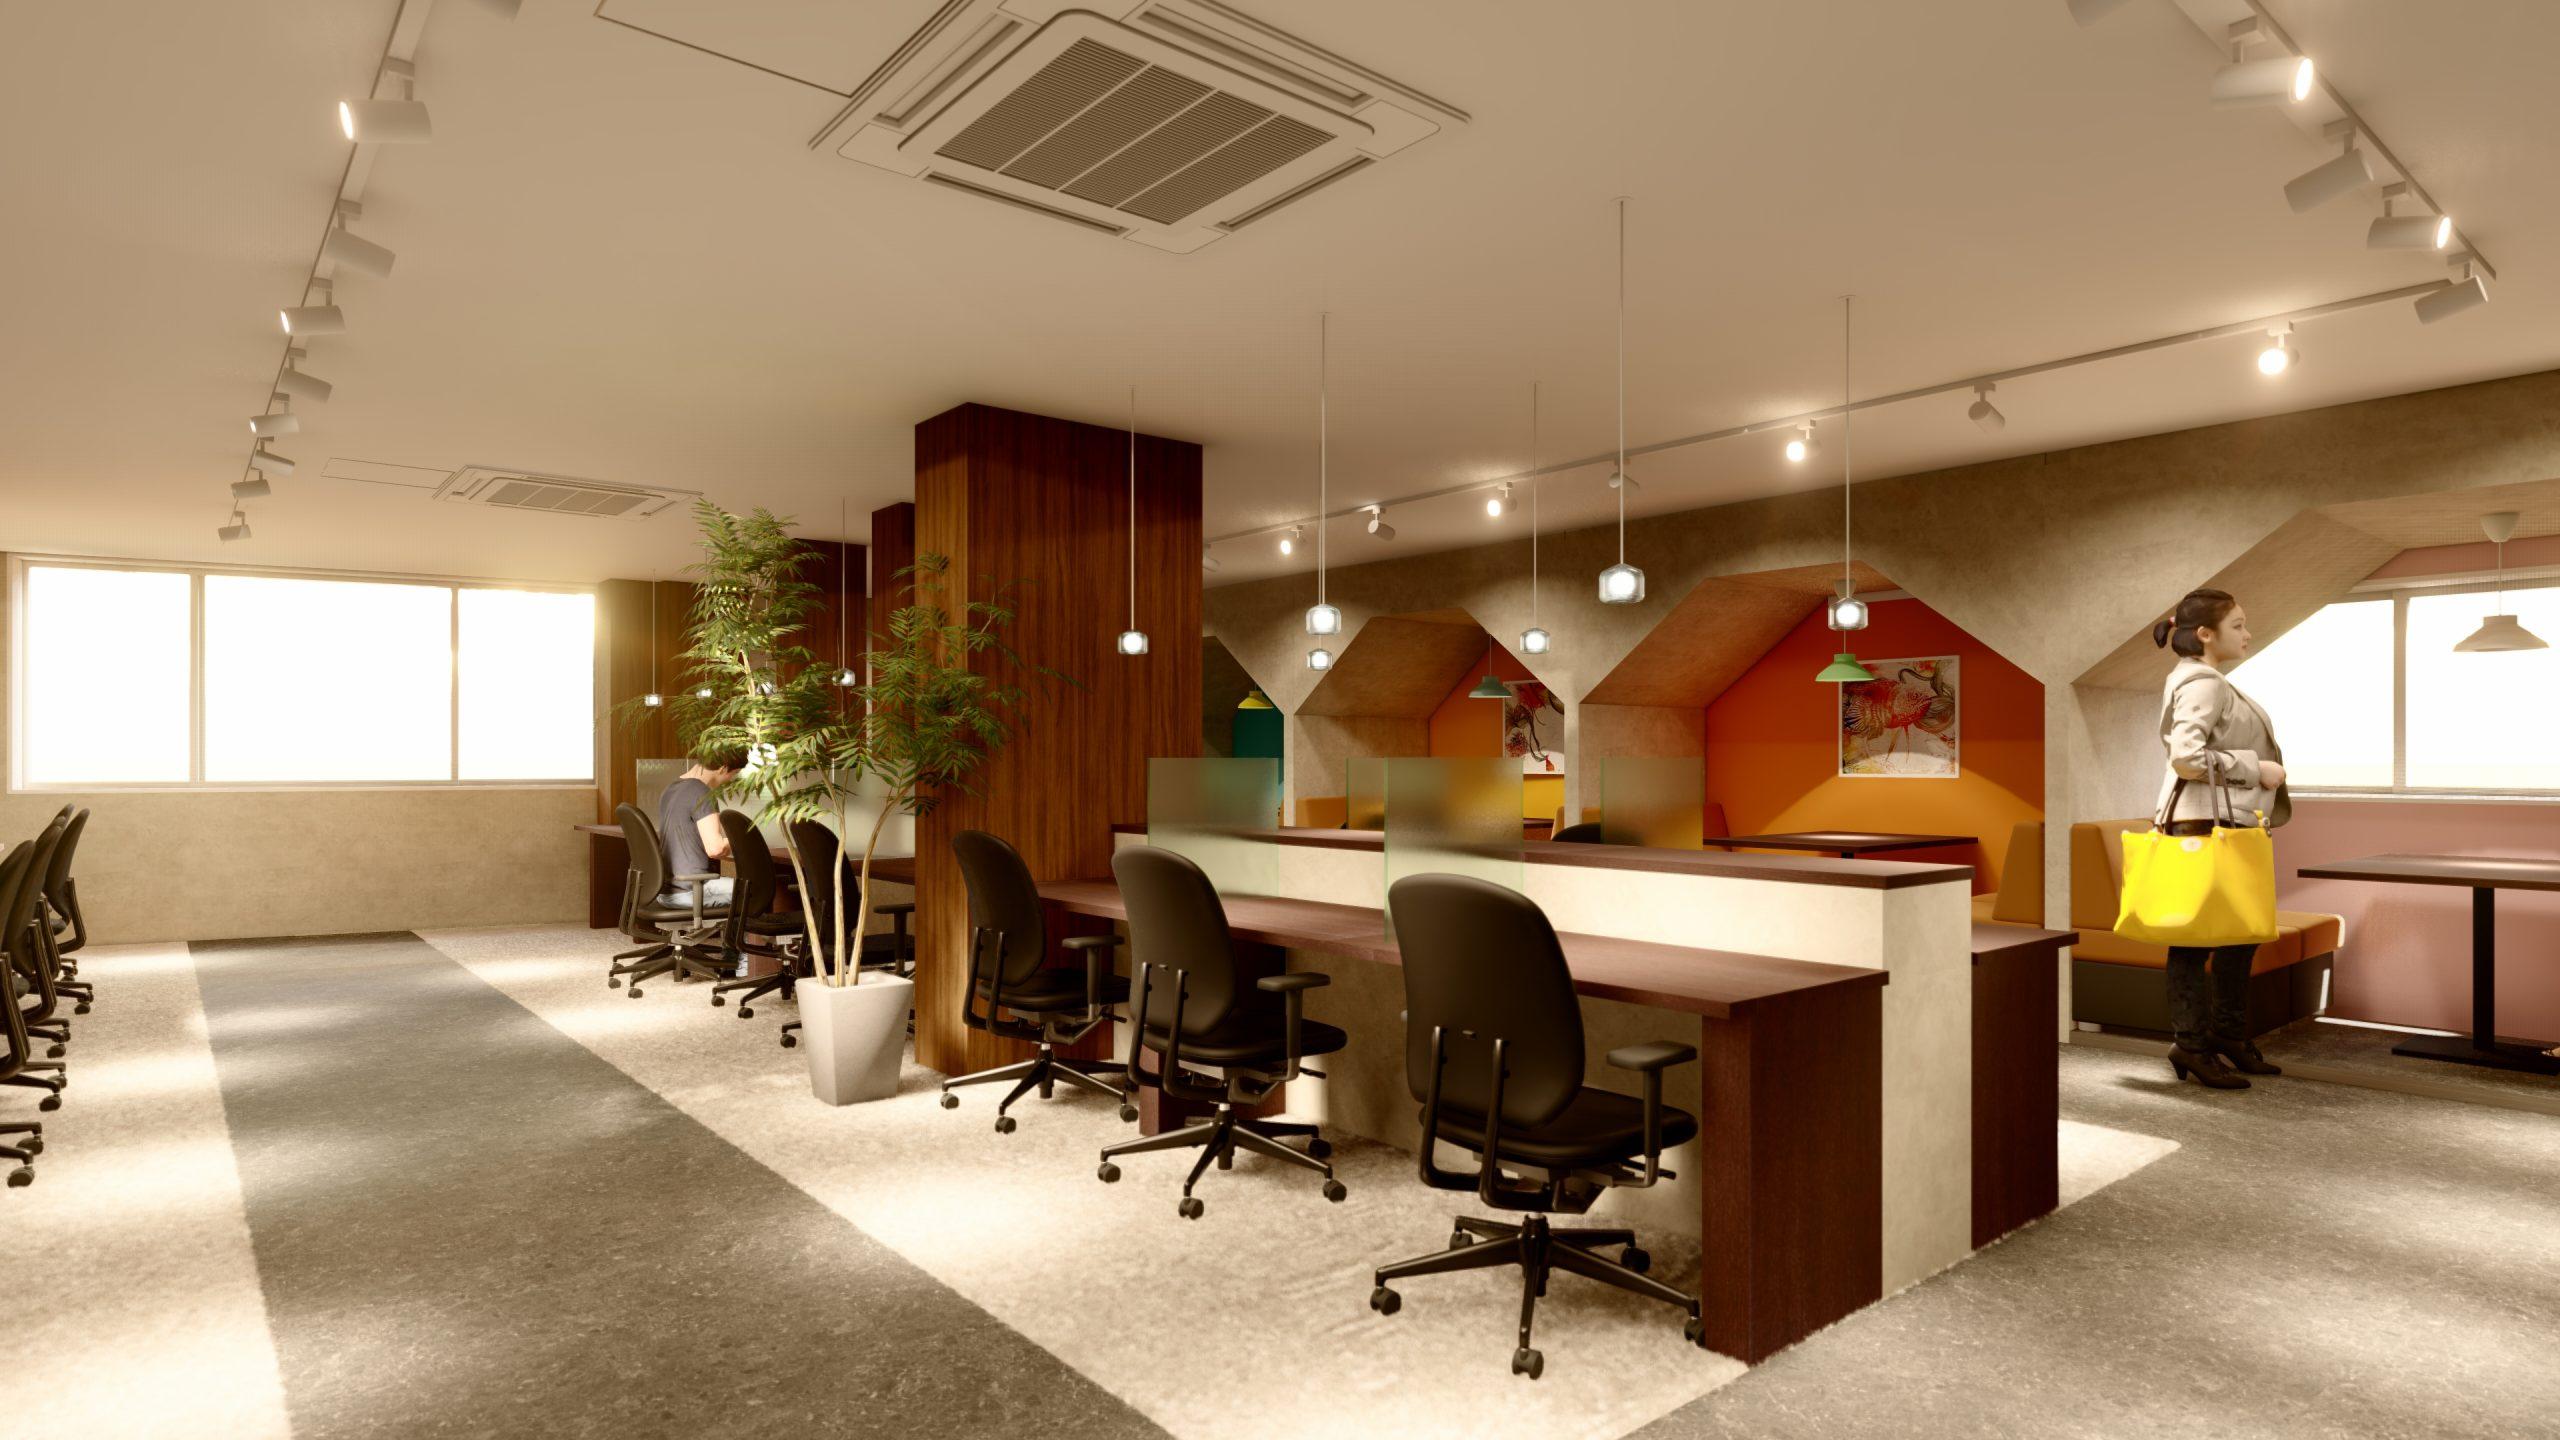 コンシェルジュ付き、24時間利用可能な完全個室のレンタルオフィスOPEN!